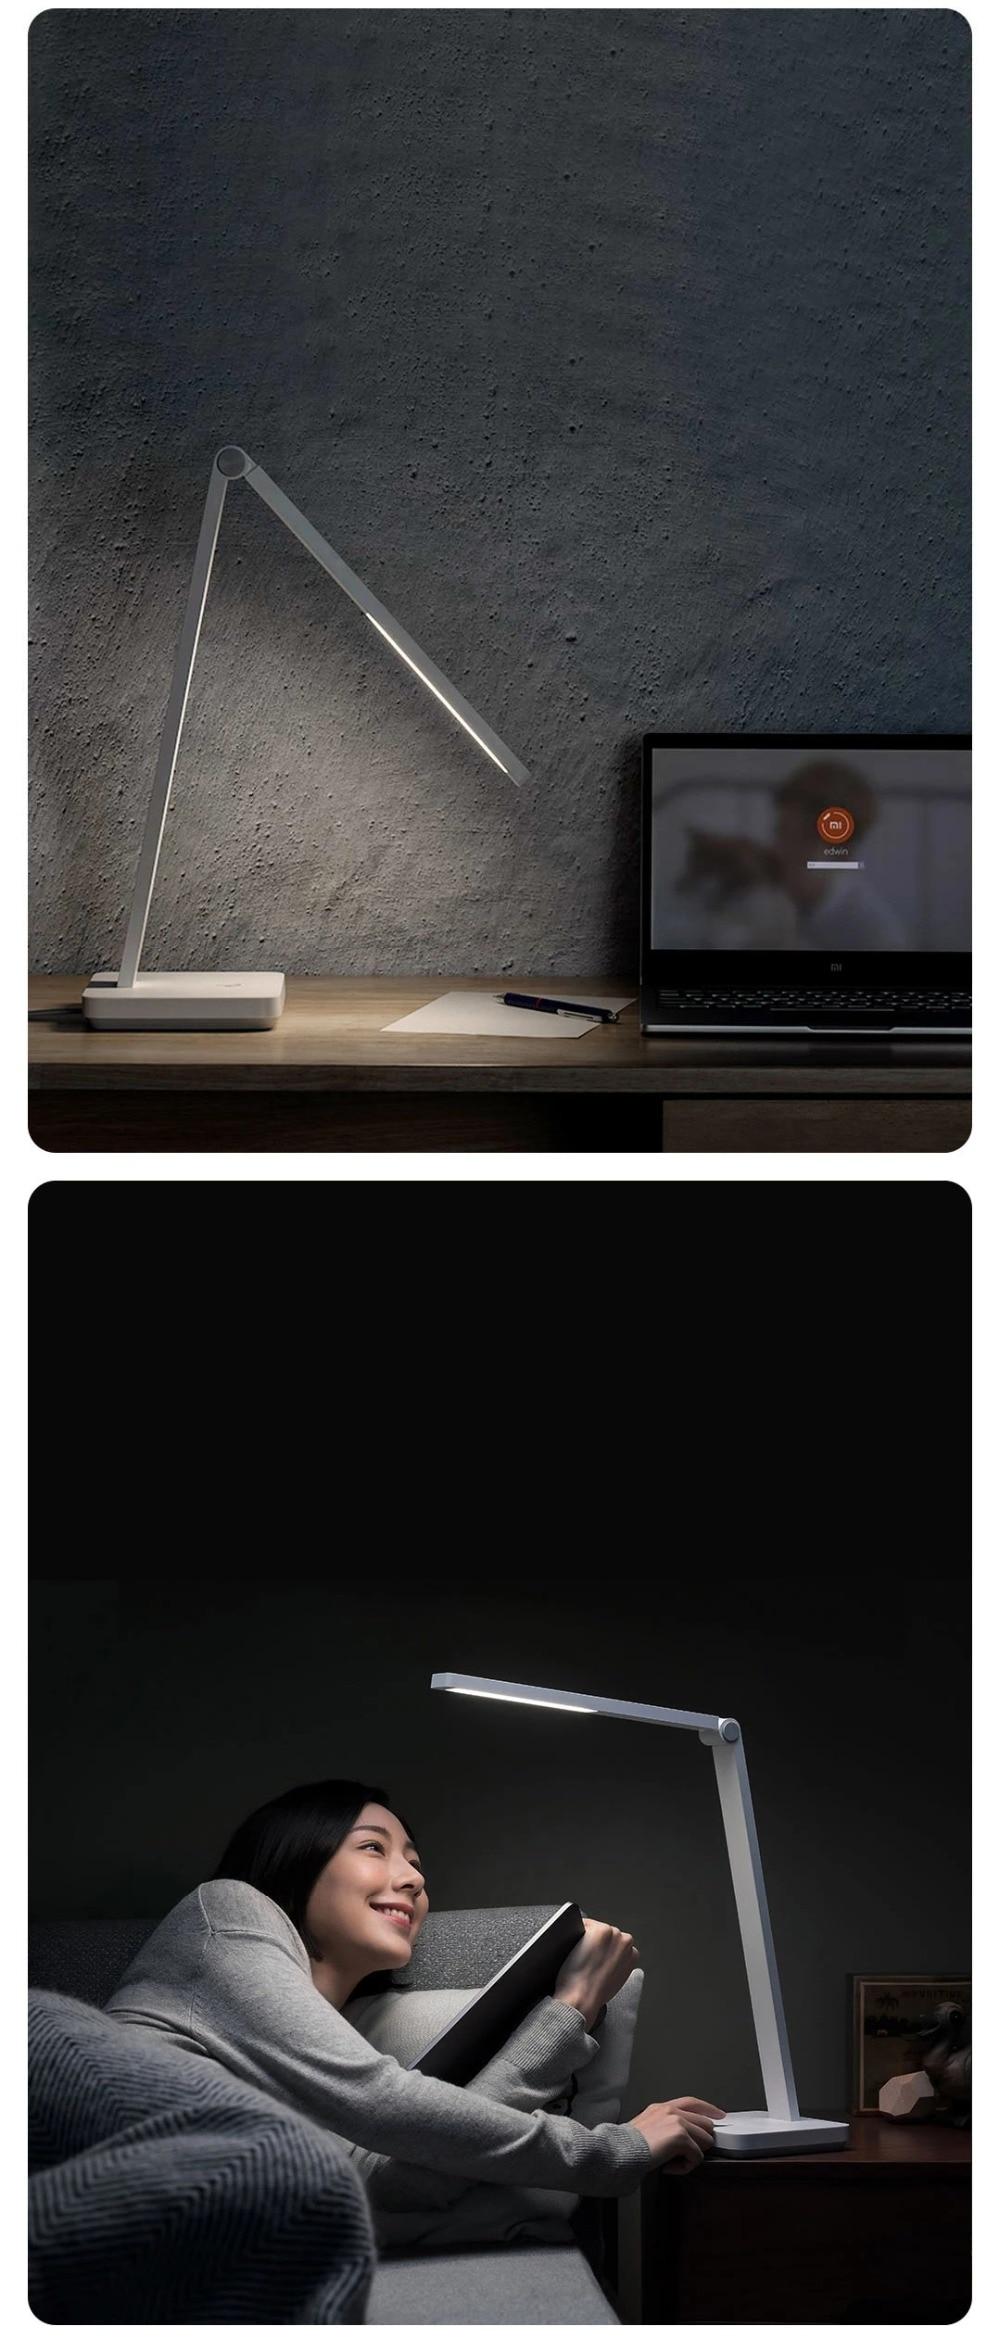 inteligente led lâmpada de mesa proteção para